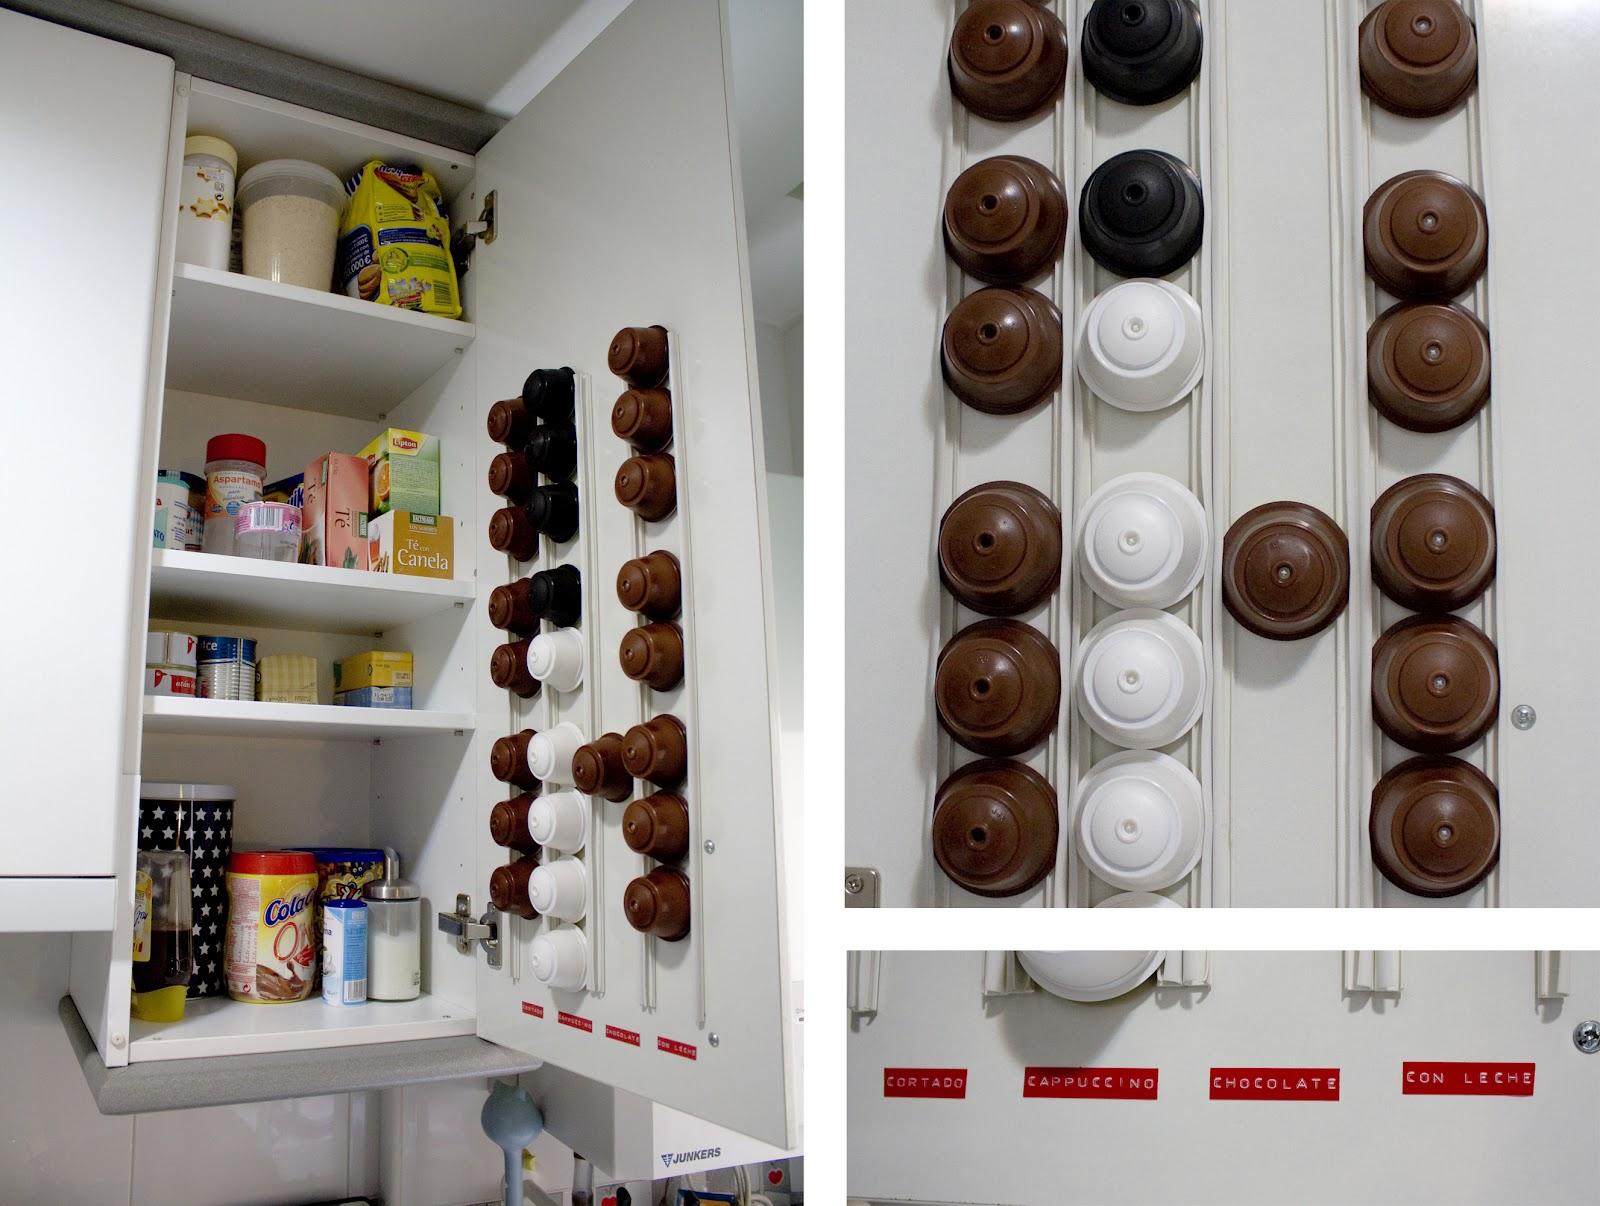 Blootiful dispensador de c psulas casero - Que hacer con capsulas nespresso ...